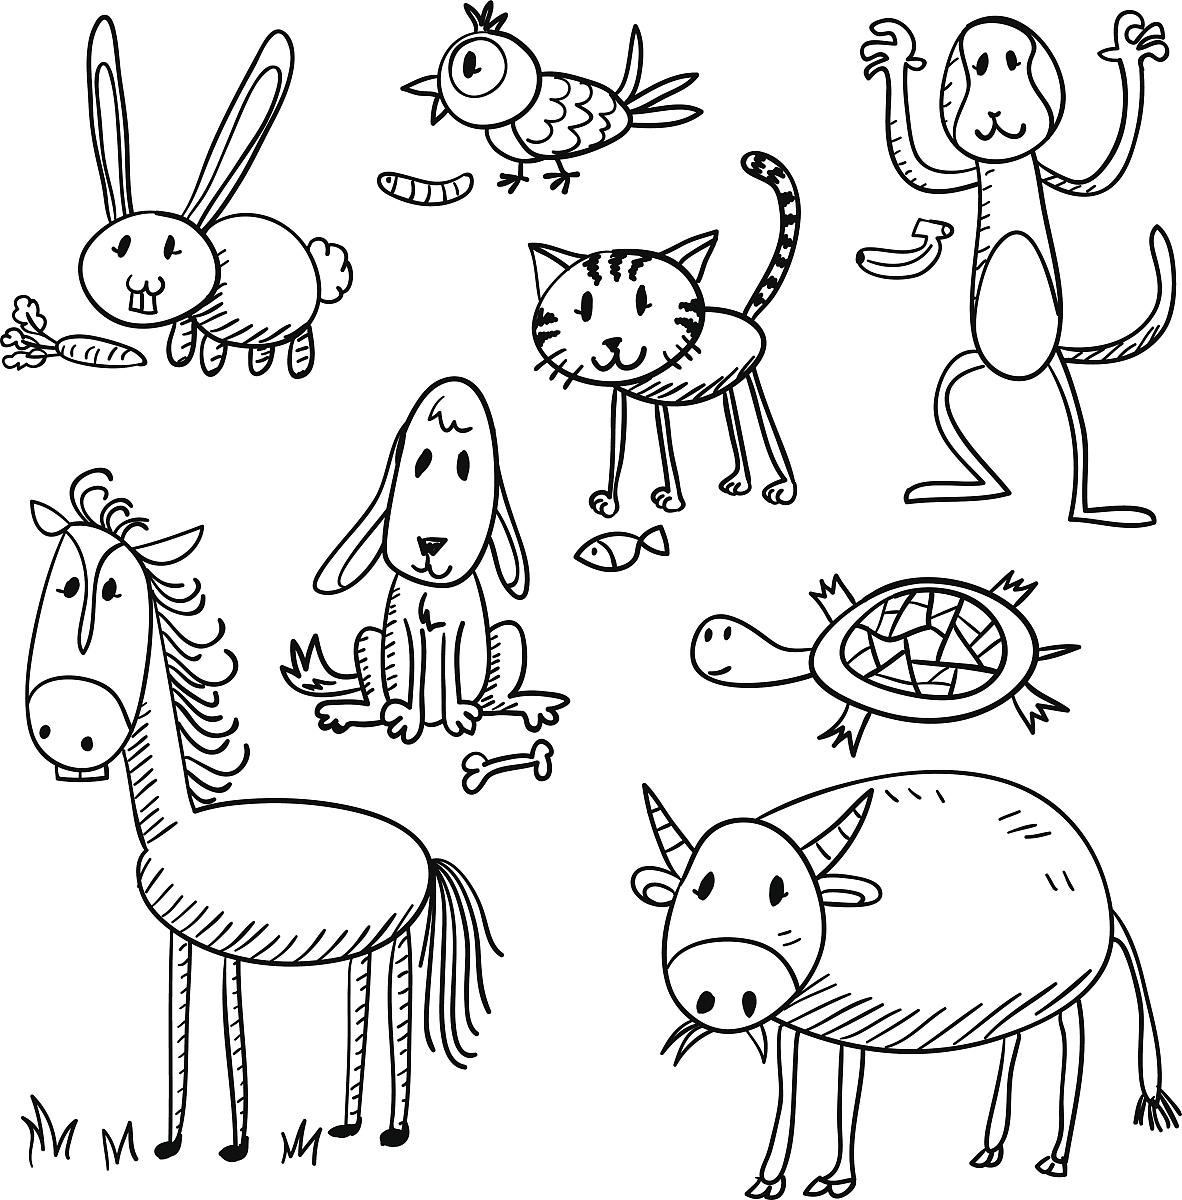 简笔画裸体动漫人物_简单线条画人物卡通-人物简笔画-简单线条卡通人物图案-儿童 ...